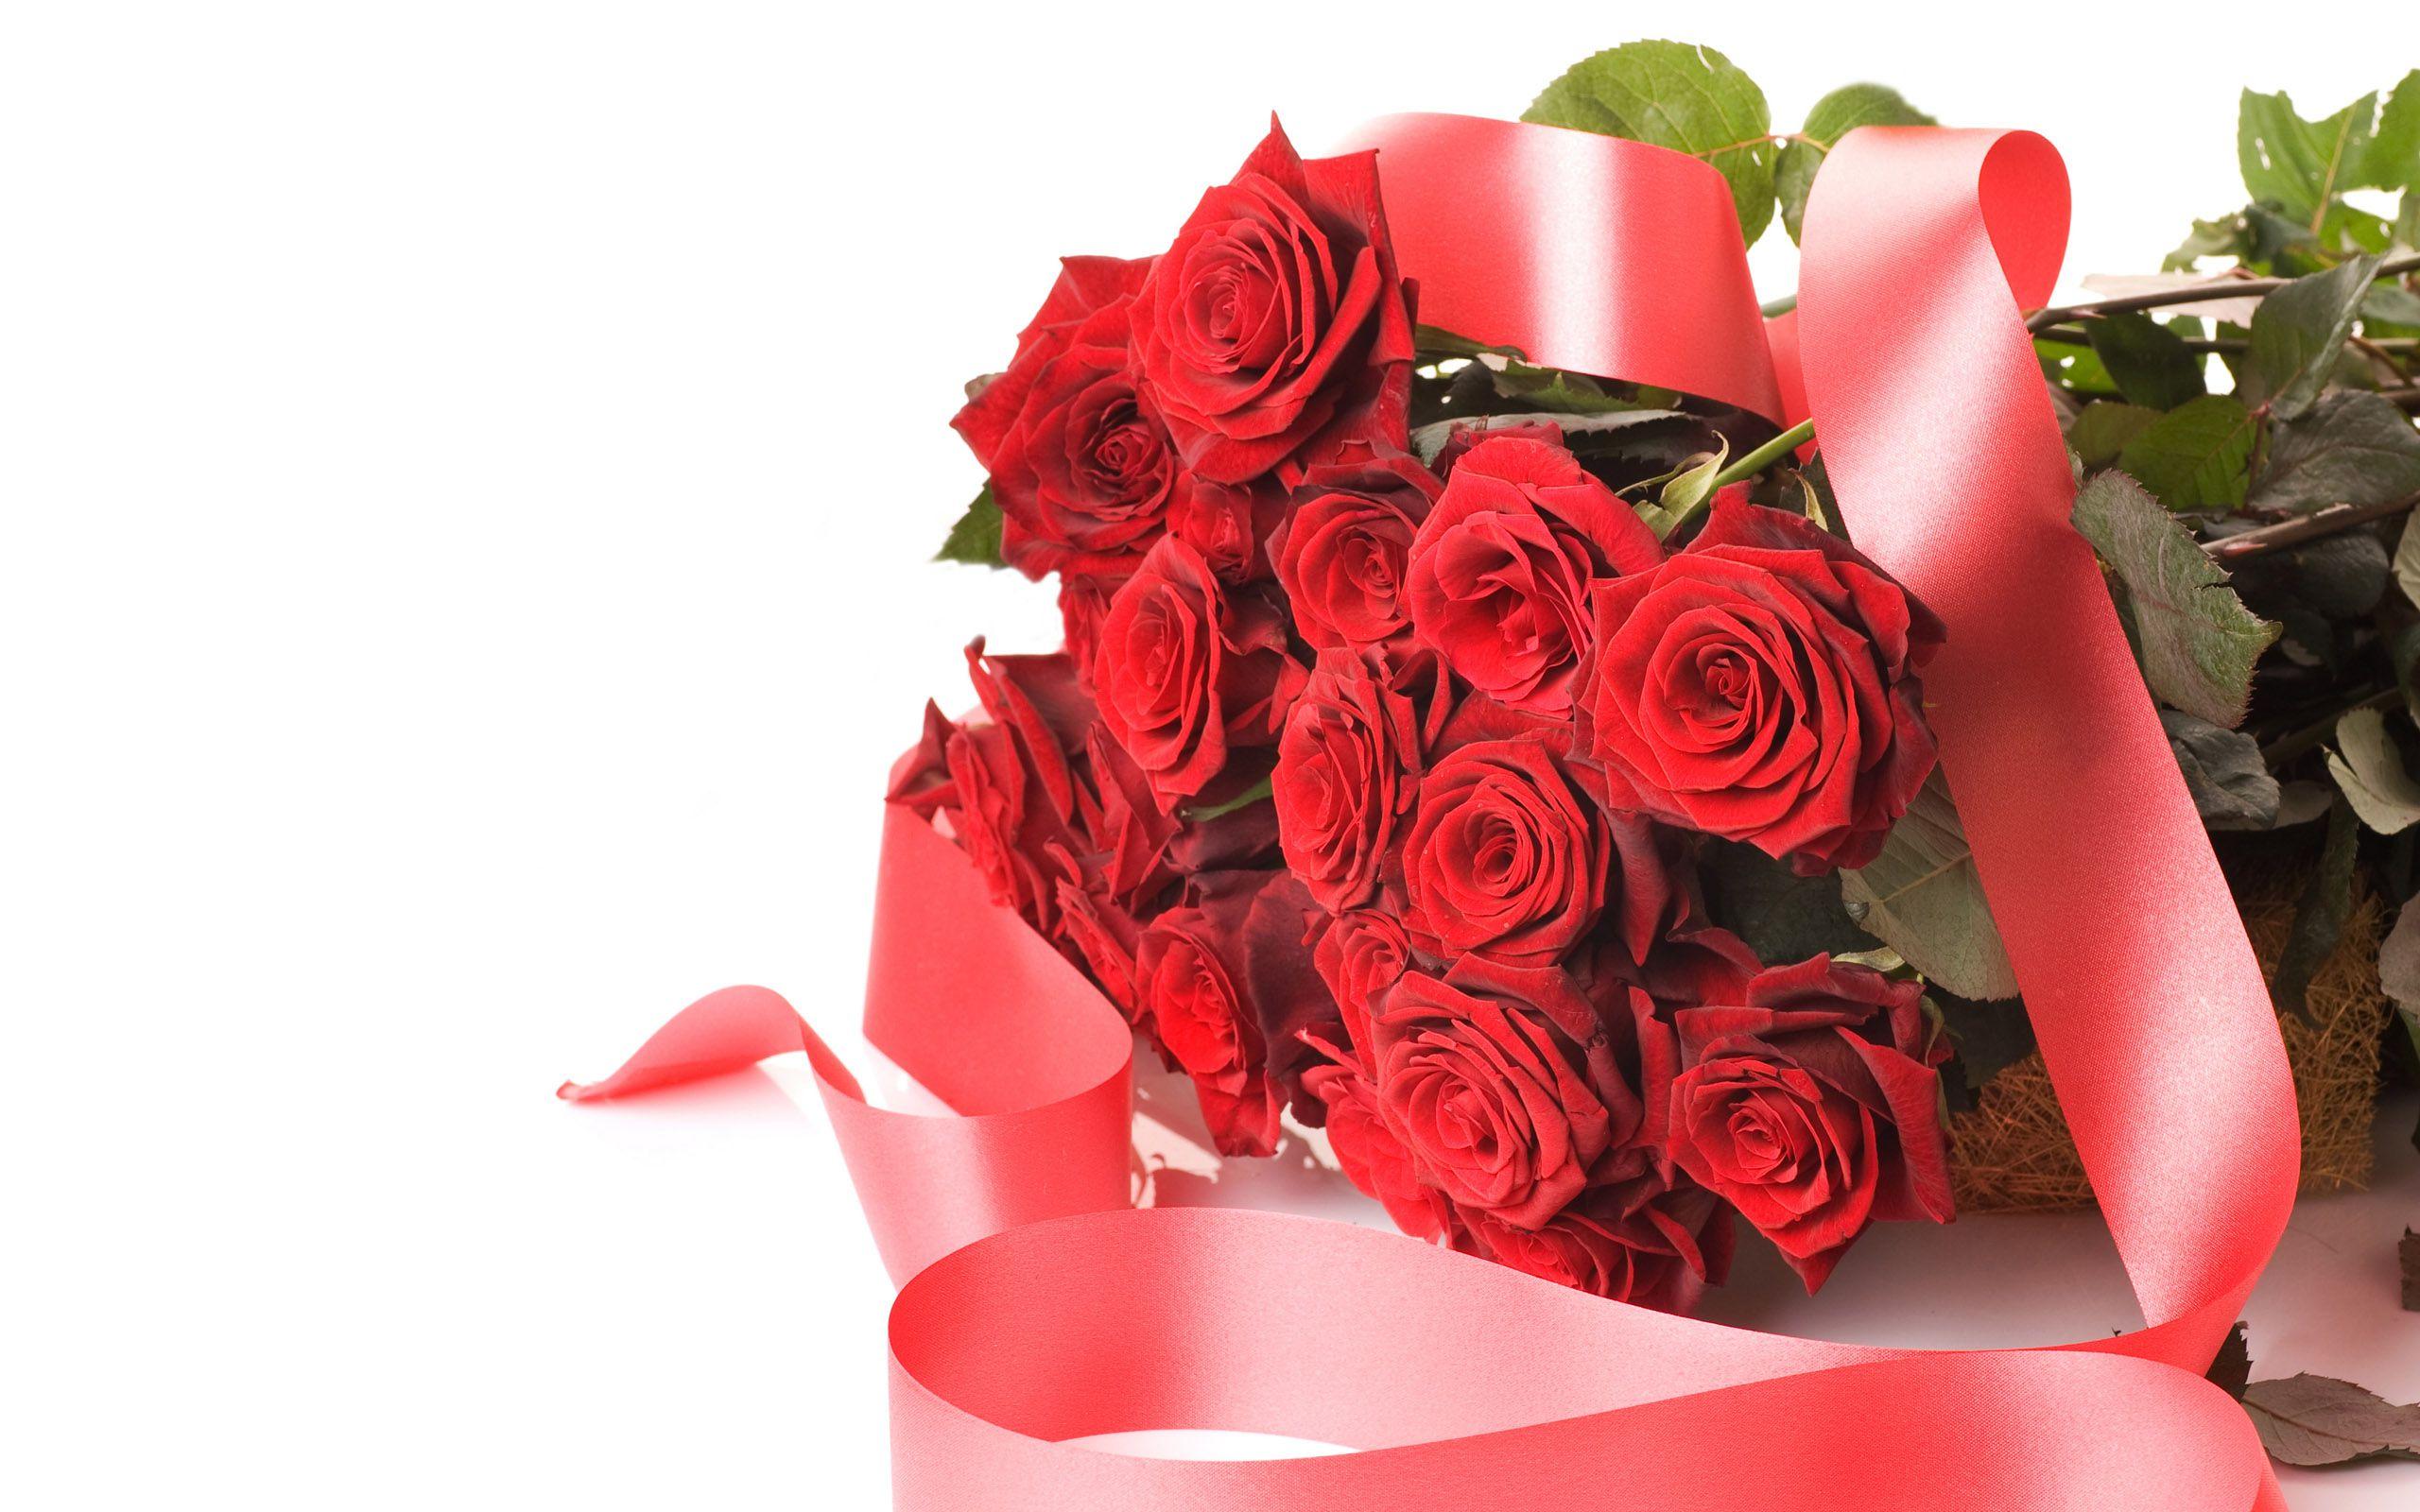 صورة ورود رومانسية , اجمل صور ورود جميلة ورومانسية 3746 6